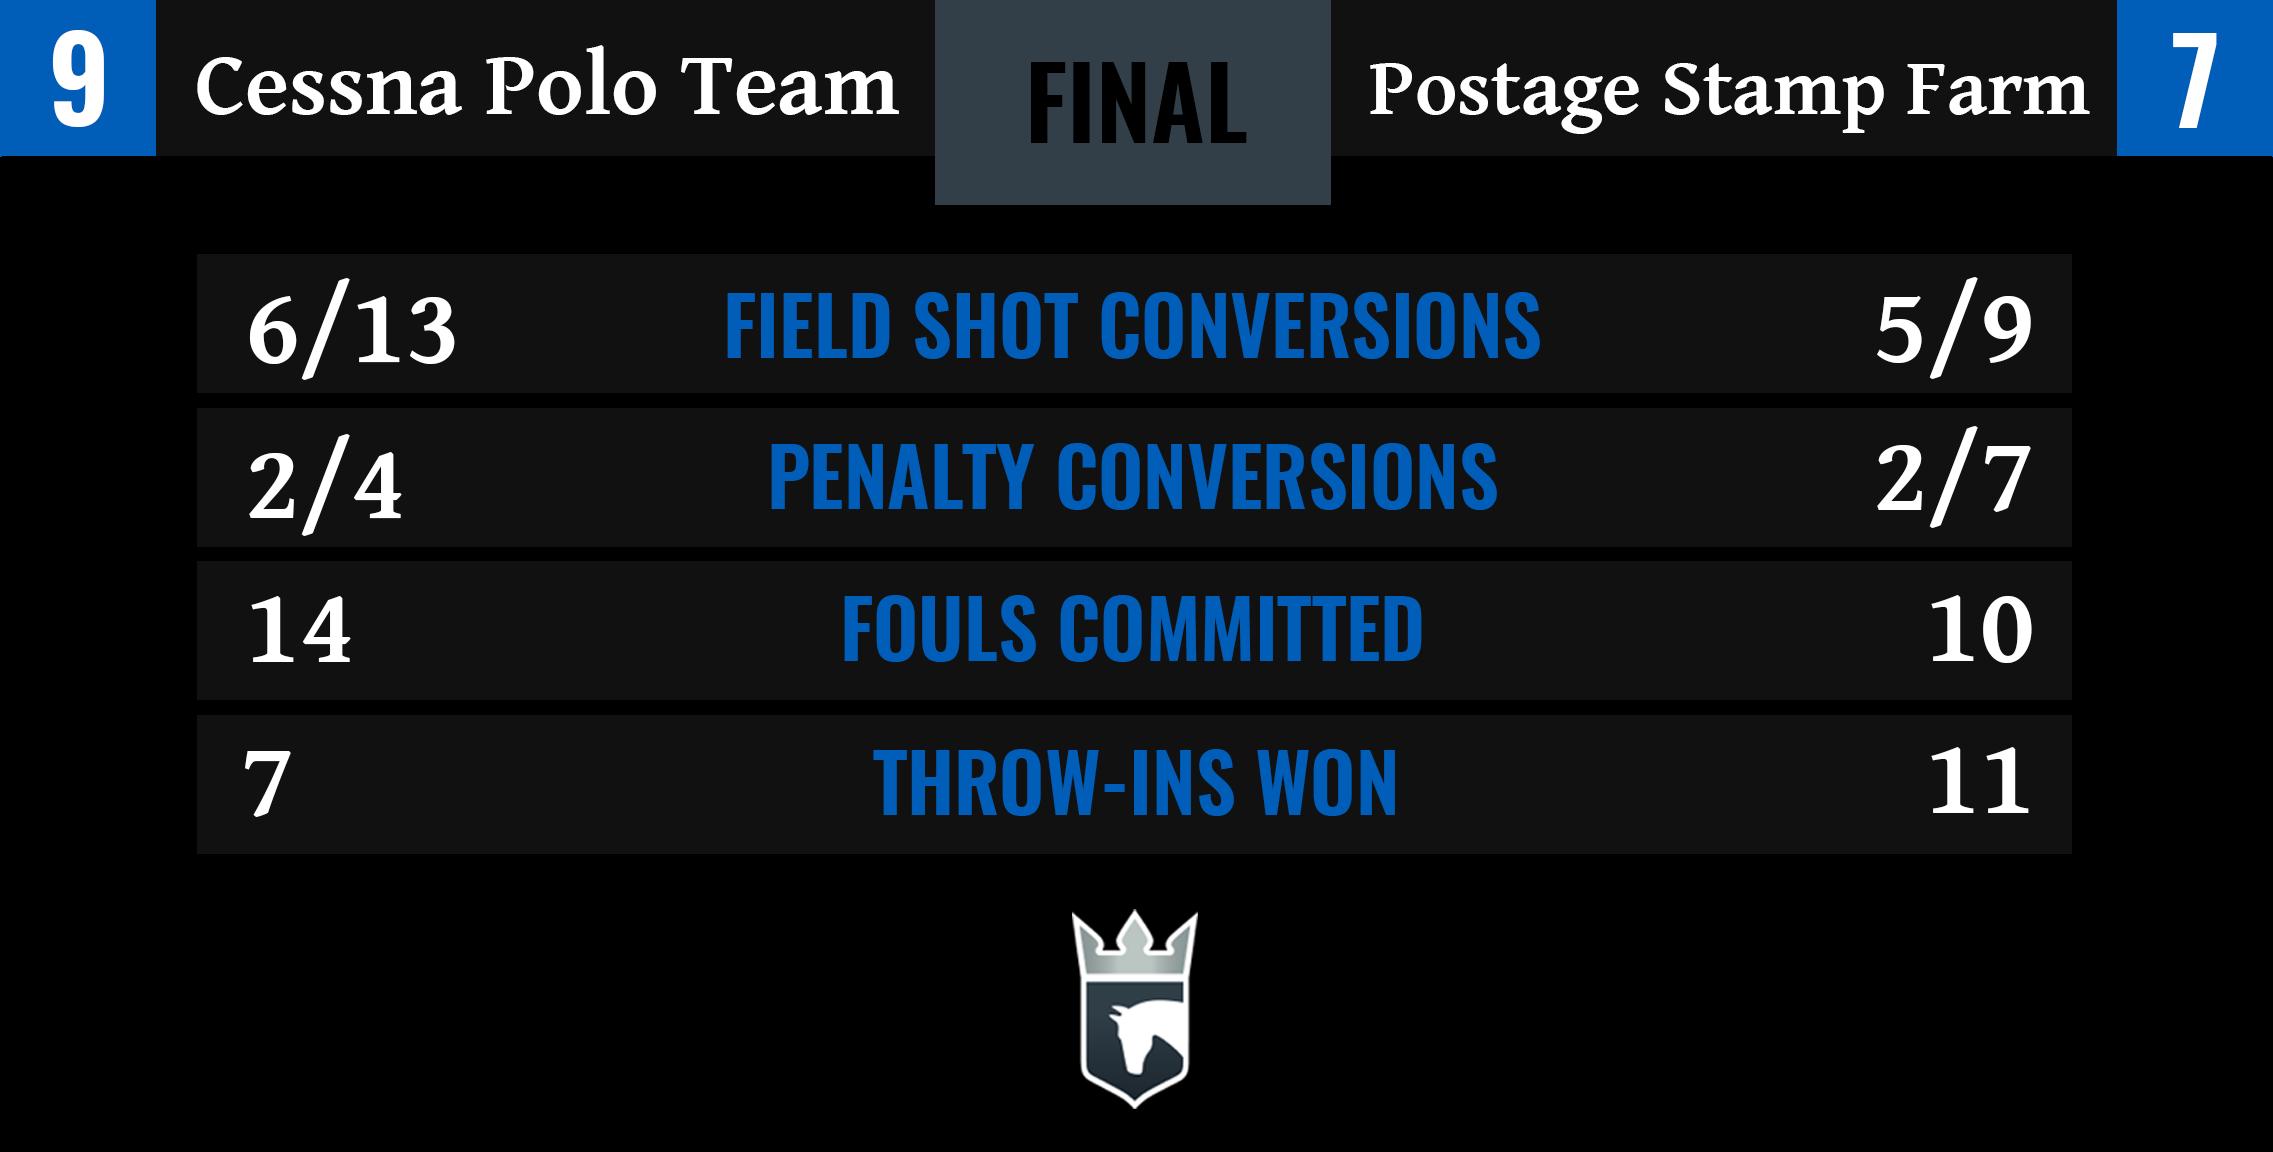 Cessna Polo Team vs Postage Stamp Farm Final Stats